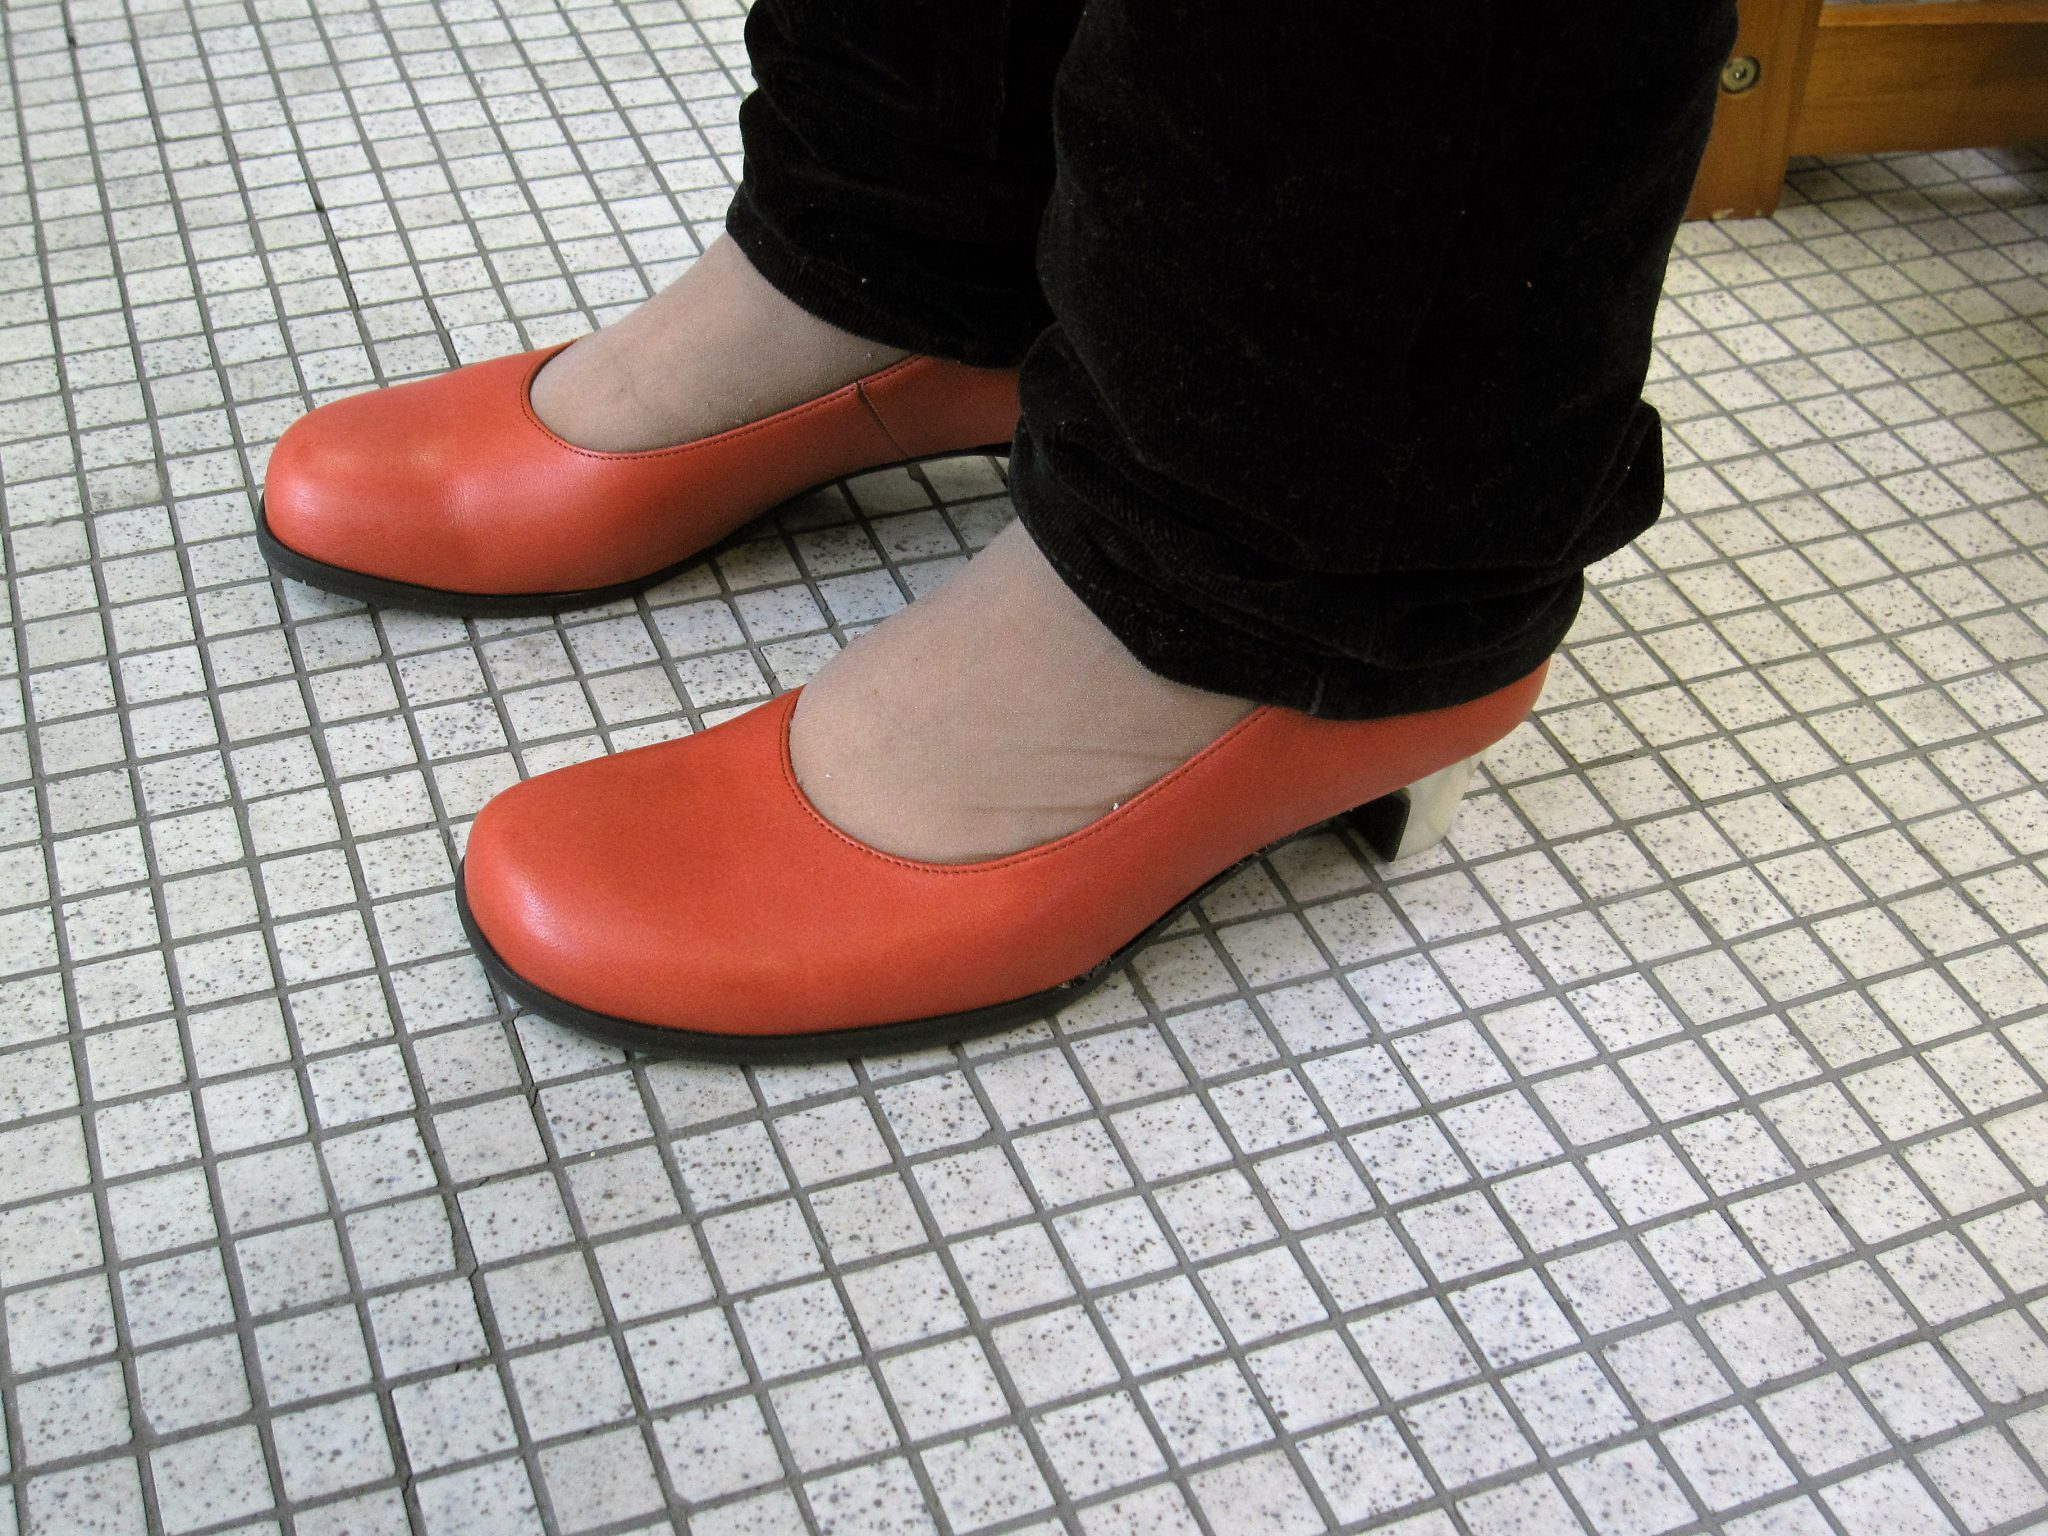 足にやさしいパンプスの試し履きの日